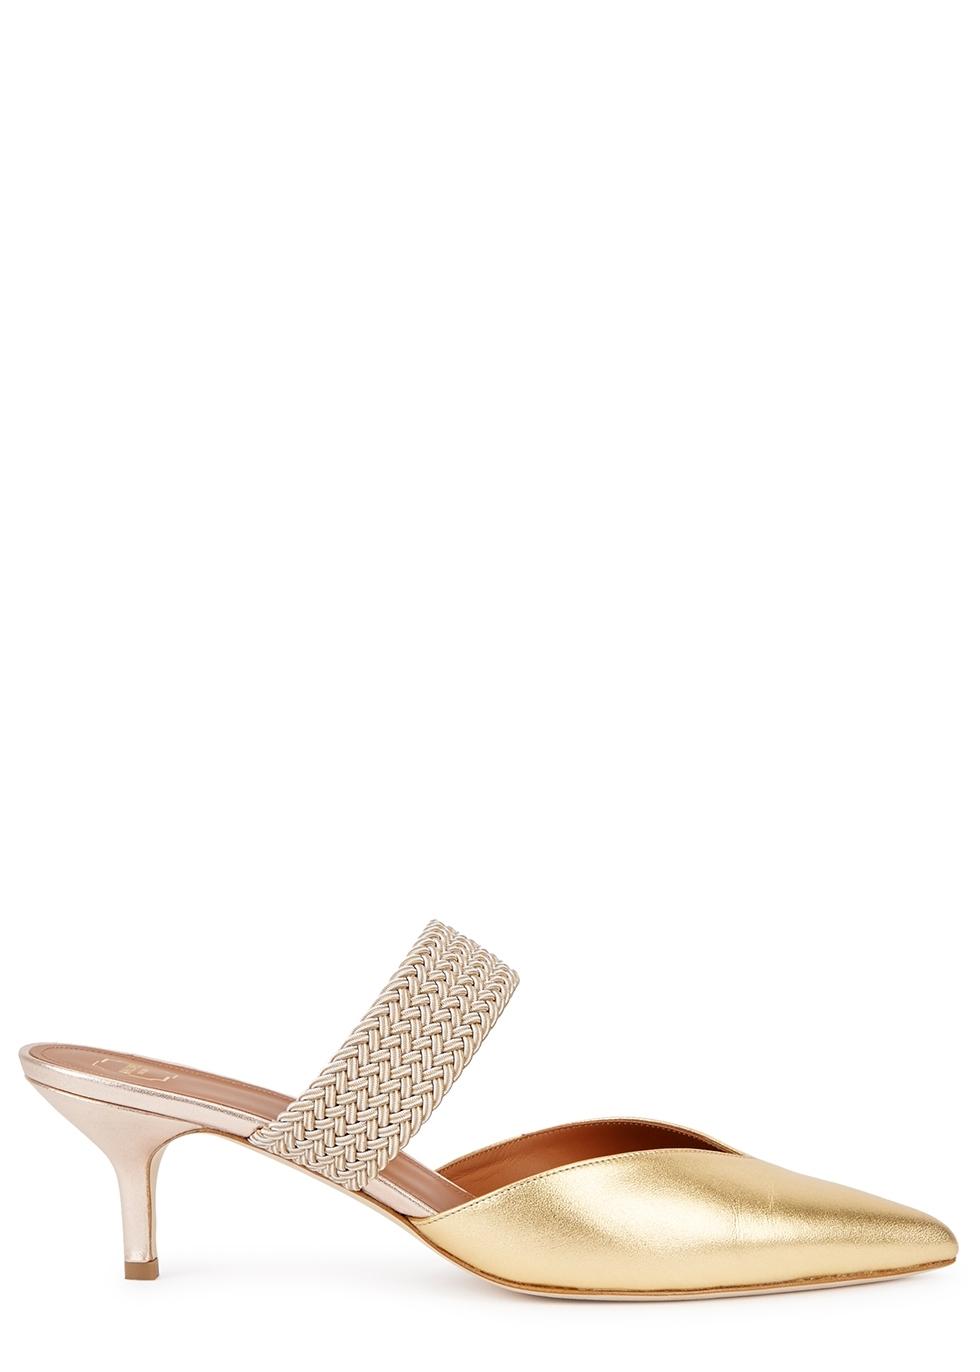 f6770733e01 Women s Designer Shoes - Ladies Shoes - Harvey Nichols